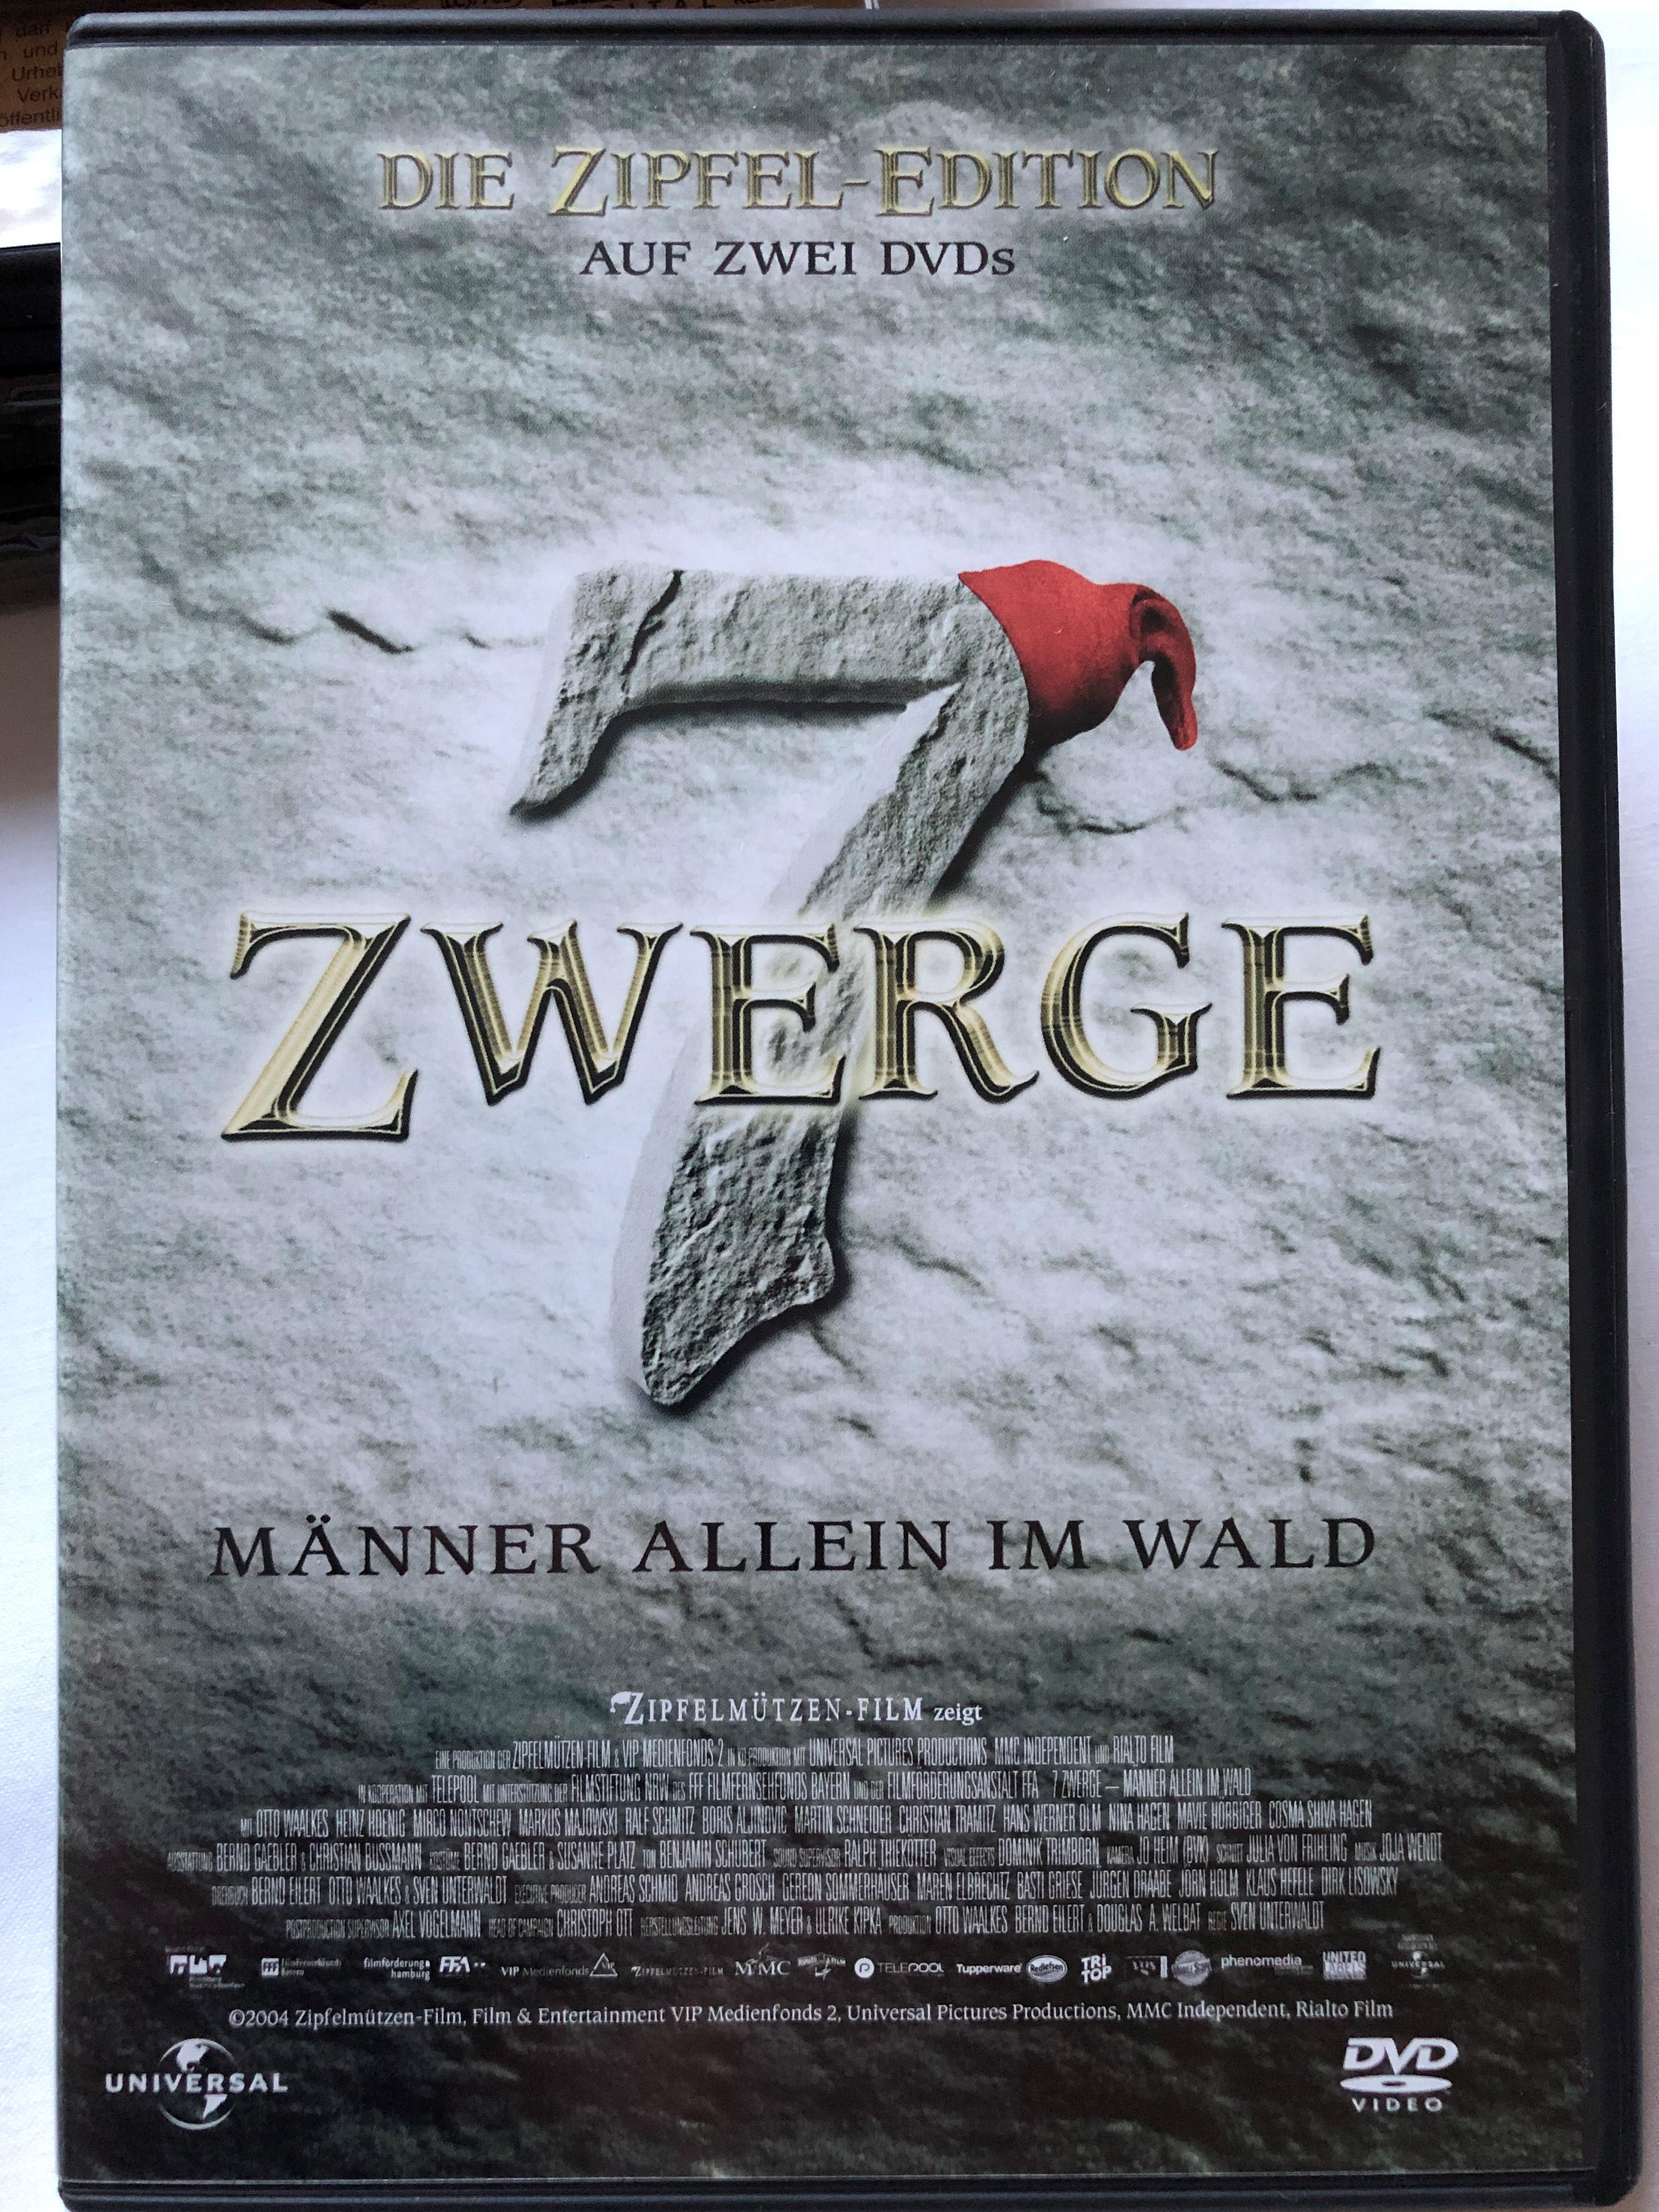 7-zwerge-m-nner-allein-im-wald-dvd-2004-7-dwarves-men-alone-in-the-wood-directed-by-sven-unterwaldt-jr.-starring-otto-waalkes-heinz-hoenig-mirco-nontschew-boris-aljinovic-die-zipfel-edition-2-dvd-1-.jpg